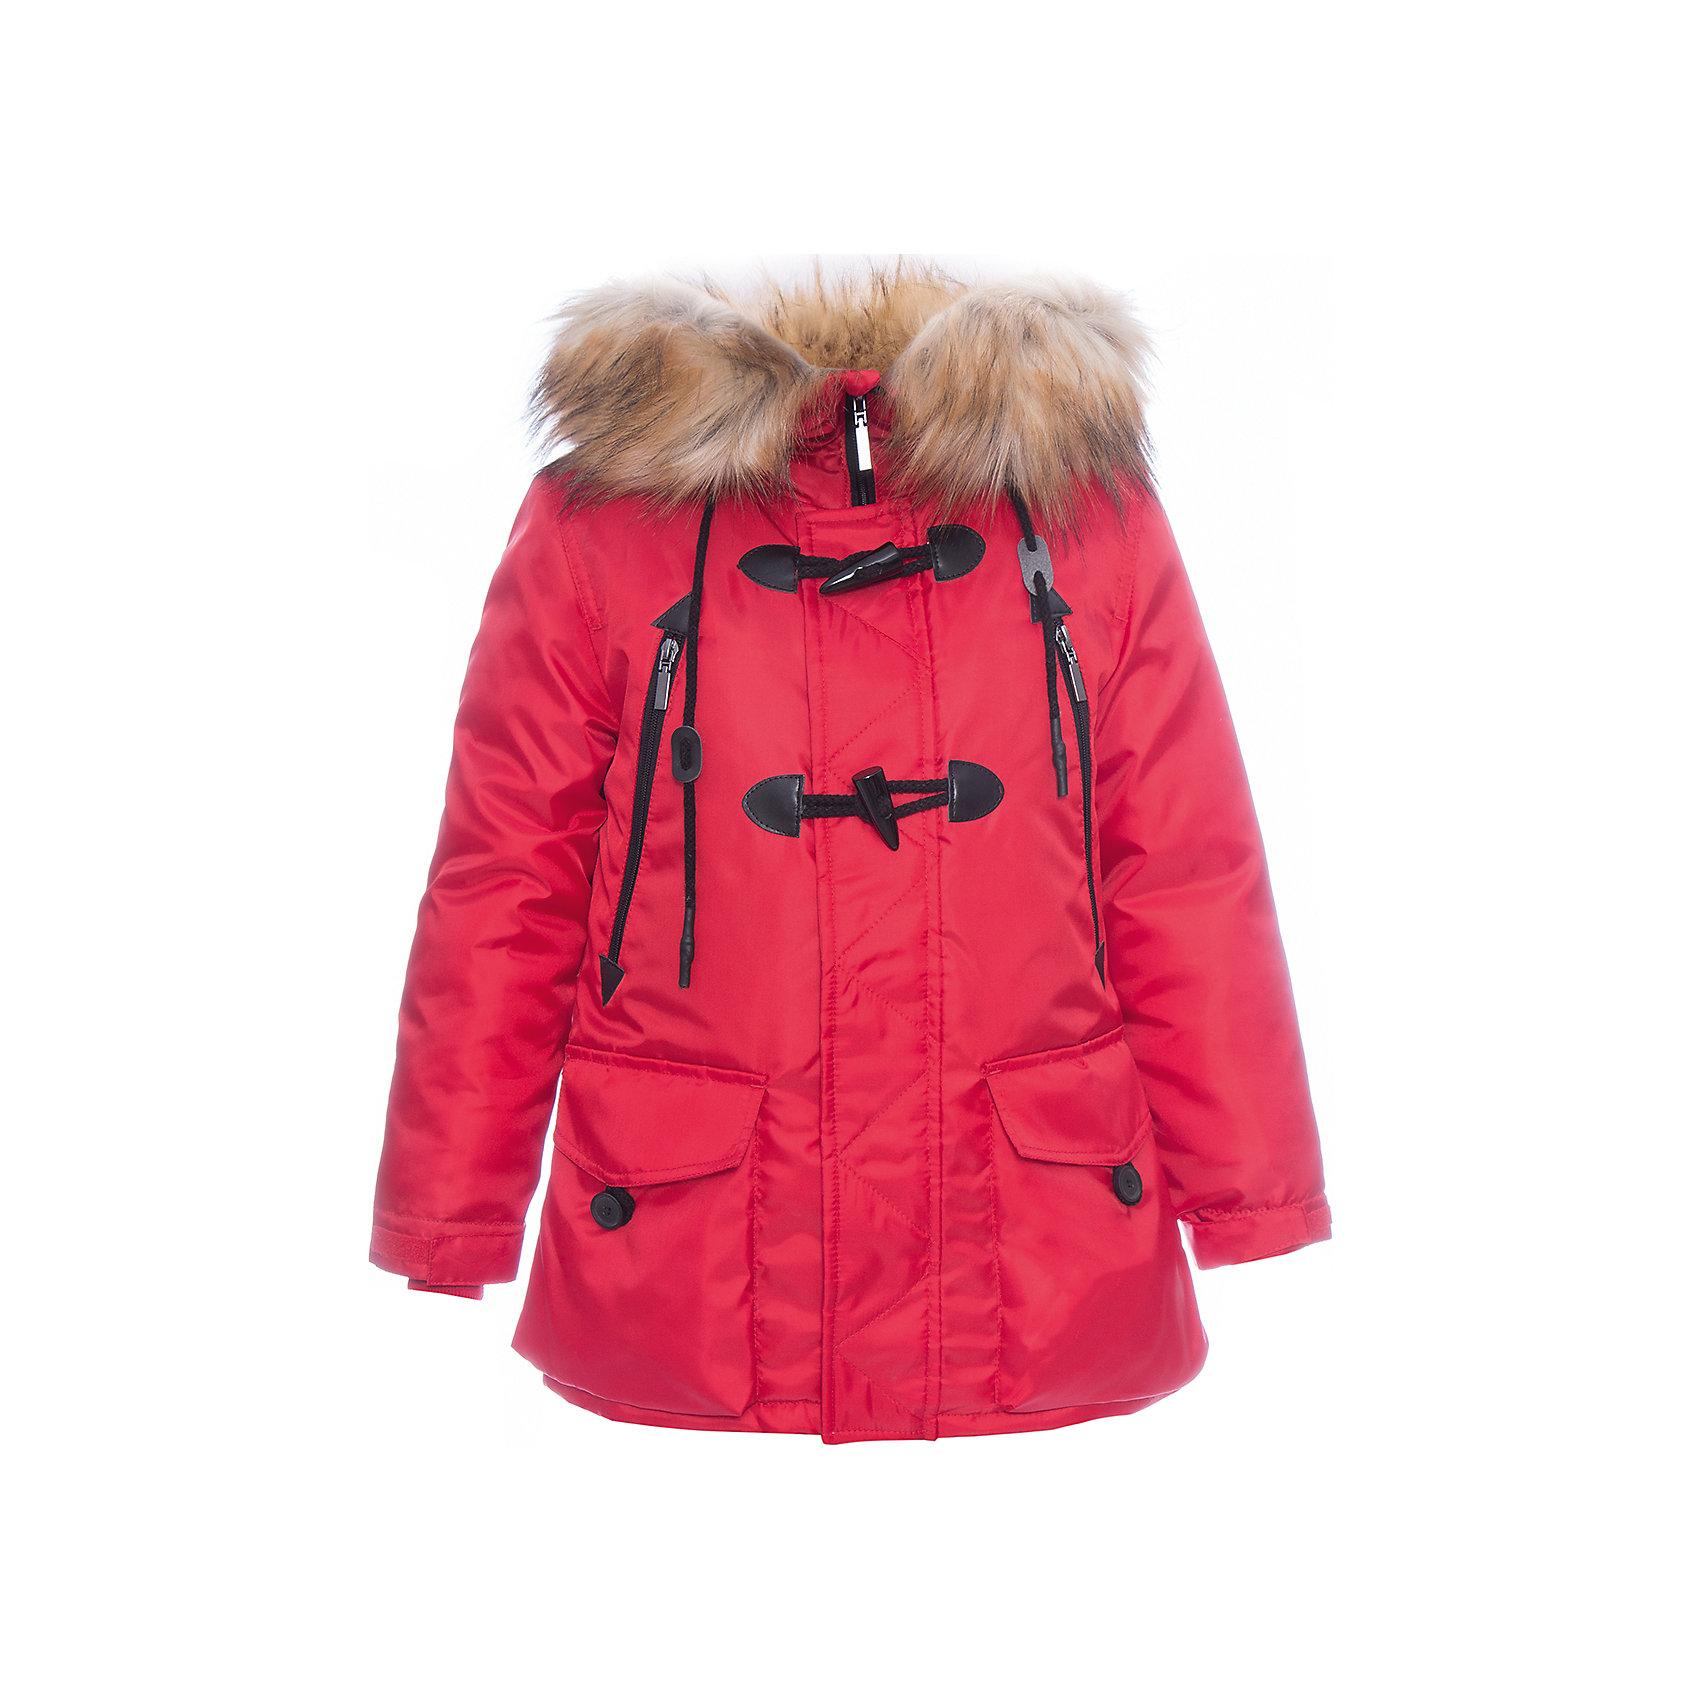 Куртка BOOM by Orby для мальчикаВерхняя одежда<br>Характеристики товара:<br><br>• цвет: красный<br>• состав ткани: оксфорд pu milky<br>• подкладка: хлопок, флис, полиэстер пуходержащий<br>• утеплитель: Flexy Fiber<br>• сезон: зима<br>• температурный режим: от 0 до -30С<br>• плотность утеплителя: 400 г/м2<br>• капюшон: с мехом<br>• застежка: молния<br>• страна бренда: Россия<br>• страна изготовитель: Россия<br><br>Удобно и тепло одеть мальчика в зимние морозы поможет эта теплая детская куртка. Зимняя куртка для мальчика декорирована оригинальной застежкой. Детская теплая куртка дополнена удобным капюшоном, планкой от ветра и карманами. Куртка для мальчика утеплена опушкой на капюшоне.<br><br>Куртку для мальчика BOOM by Orby (Бум бай Орби) можно купить в нашем интернет-магазине.<br><br>Ширина мм: 356<br>Глубина мм: 10<br>Высота мм: 245<br>Вес г: 519<br>Цвет: красный<br>Возраст от месяцев: 108<br>Возраст до месяцев: 120<br>Пол: Мужской<br>Возраст: Детский<br>Размер: 140,170,146,152,158,164<br>SKU: 7090820